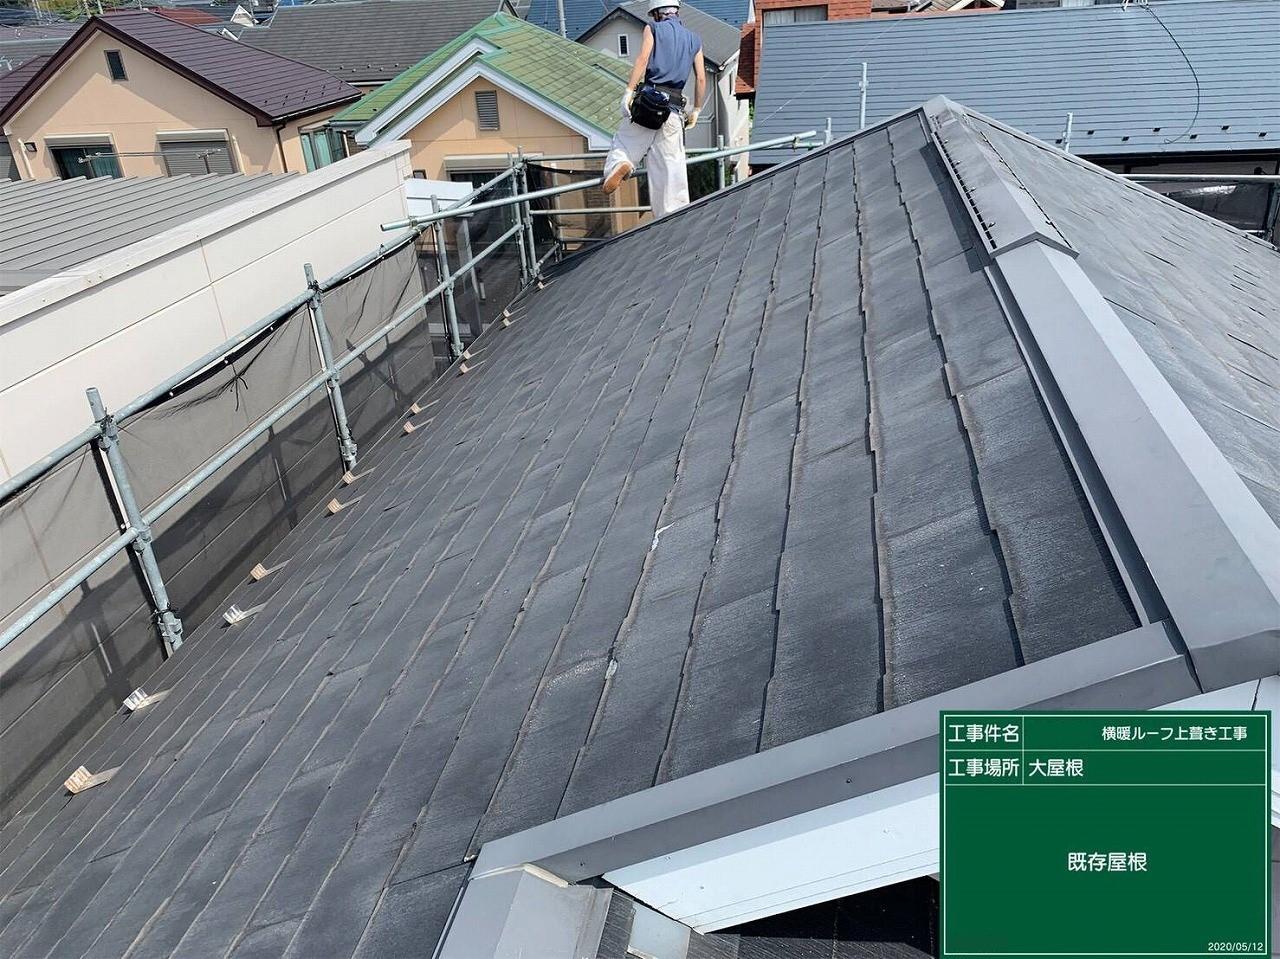 屋根工事施工写真 (5)HP